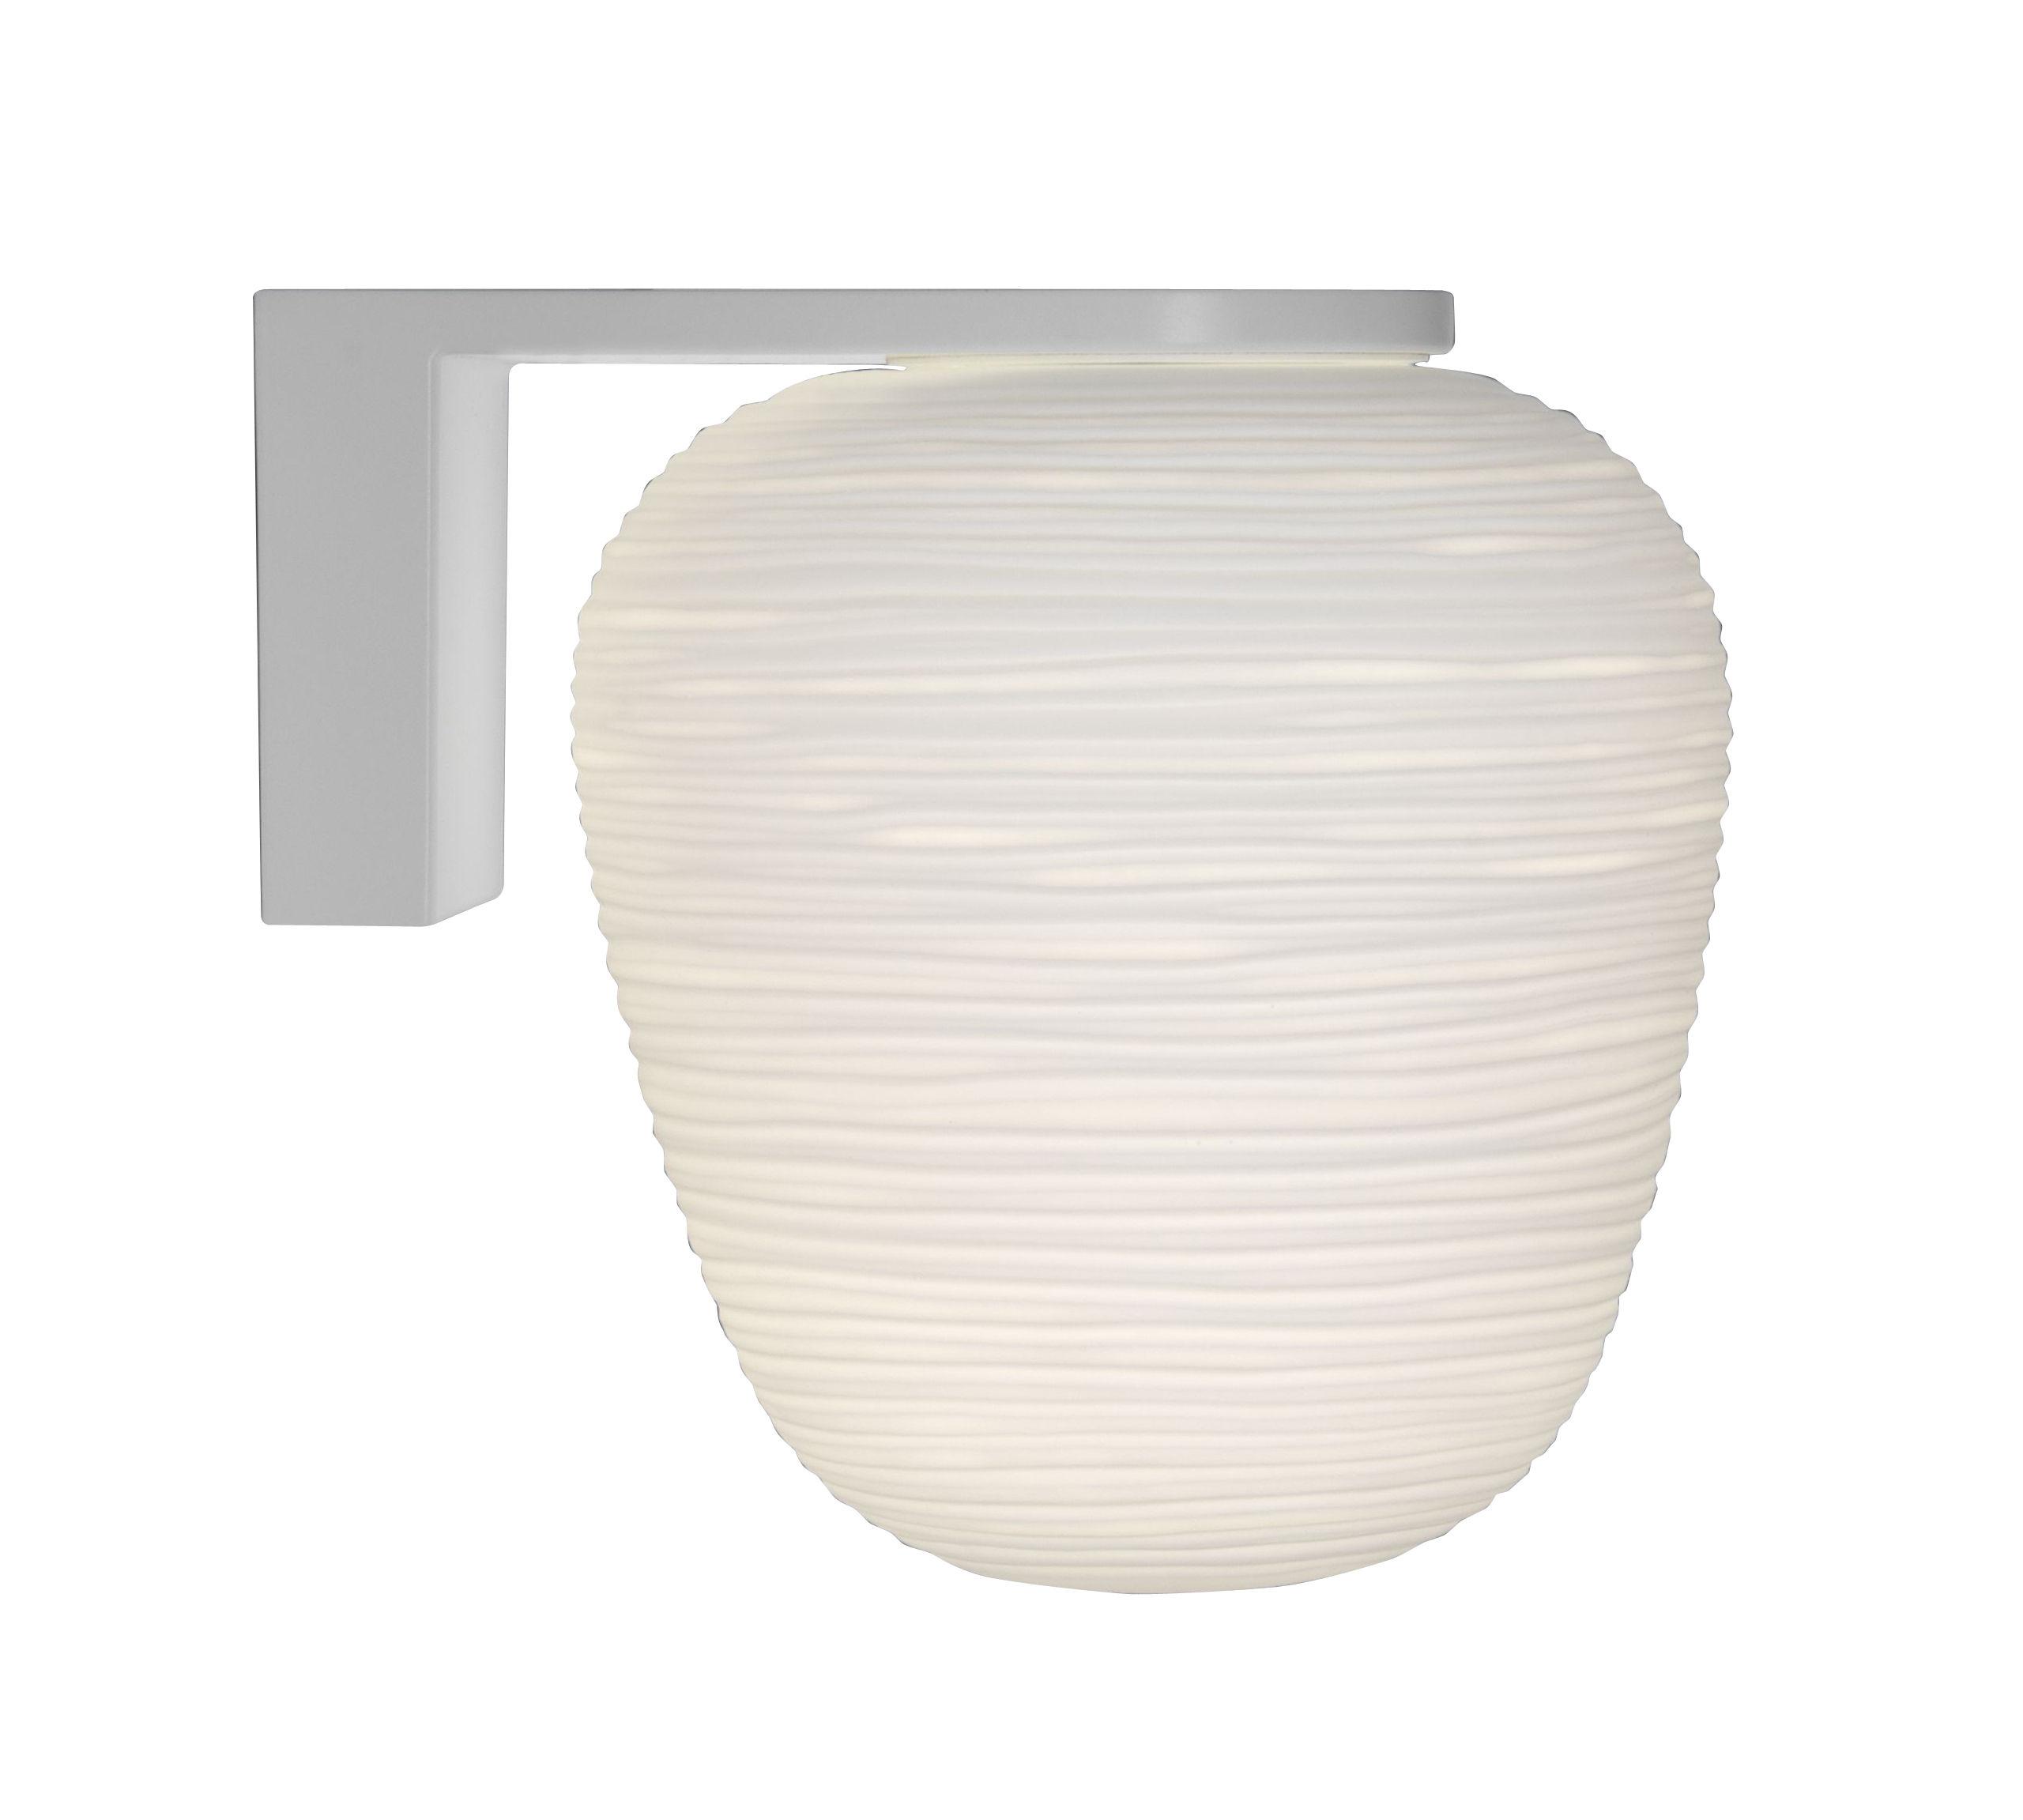 Leuchten - Wandleuchten - Rituals 3 Wandleuchte / Ø 19 cm x H 21 cm - Foscarini - H 21 cm / weiß - lackiertes Metall, mundgeblasenes Glas